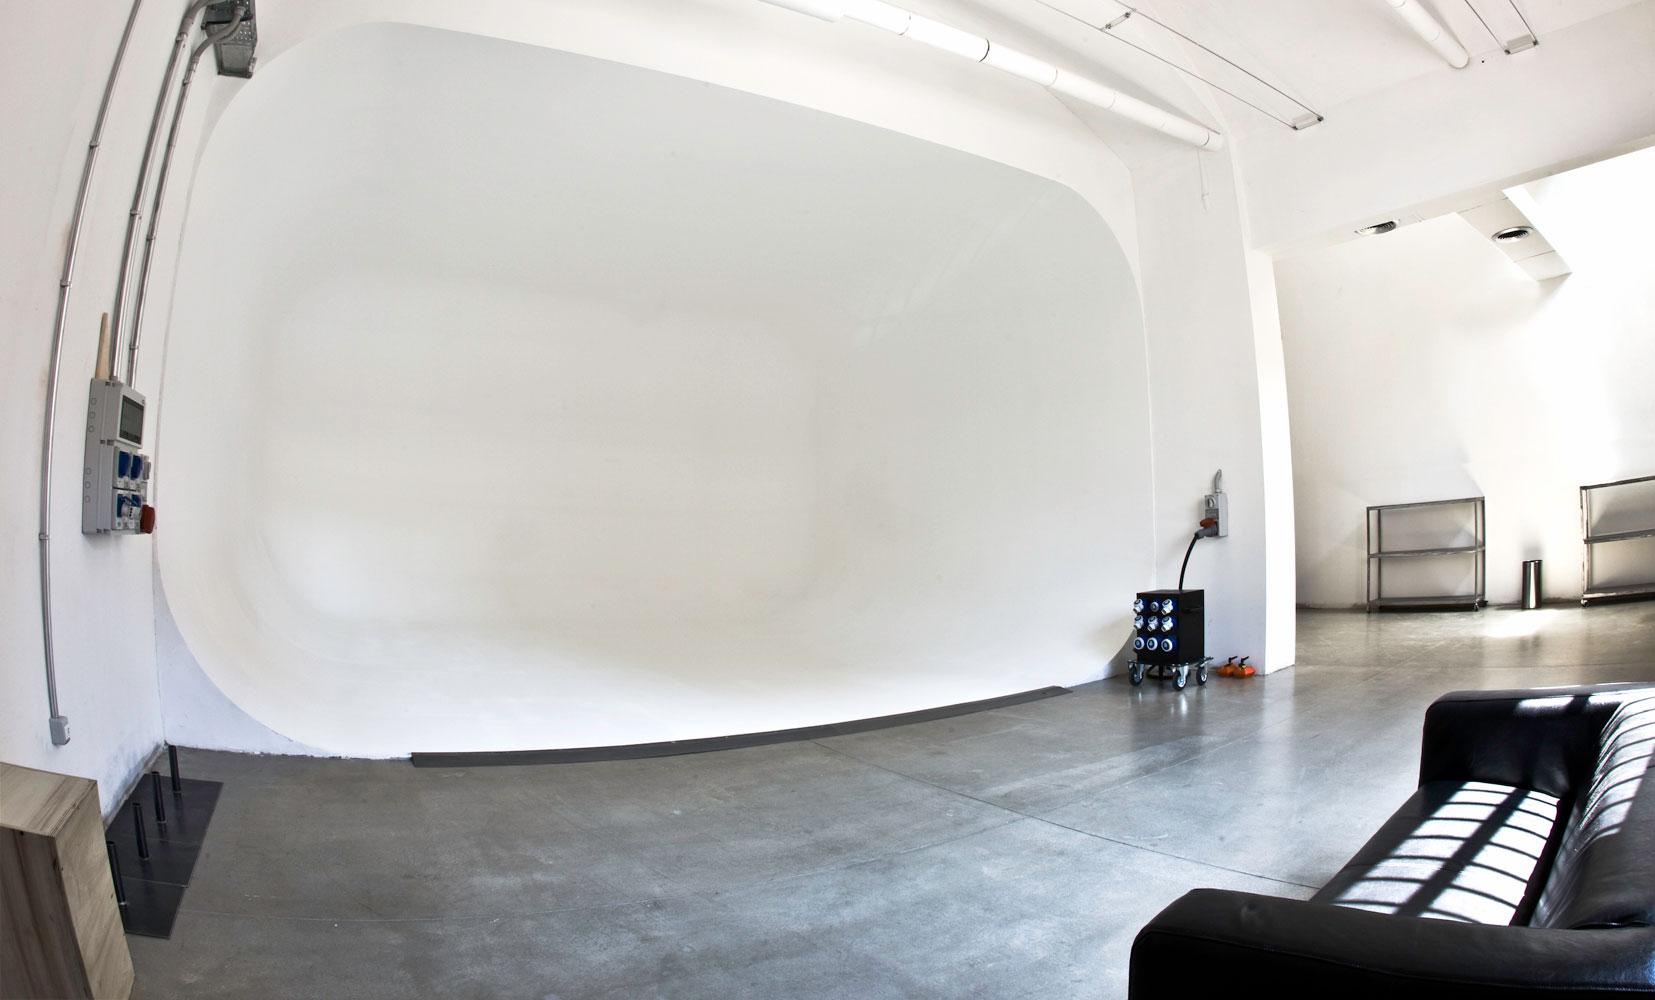 Studio-Two-Limbo